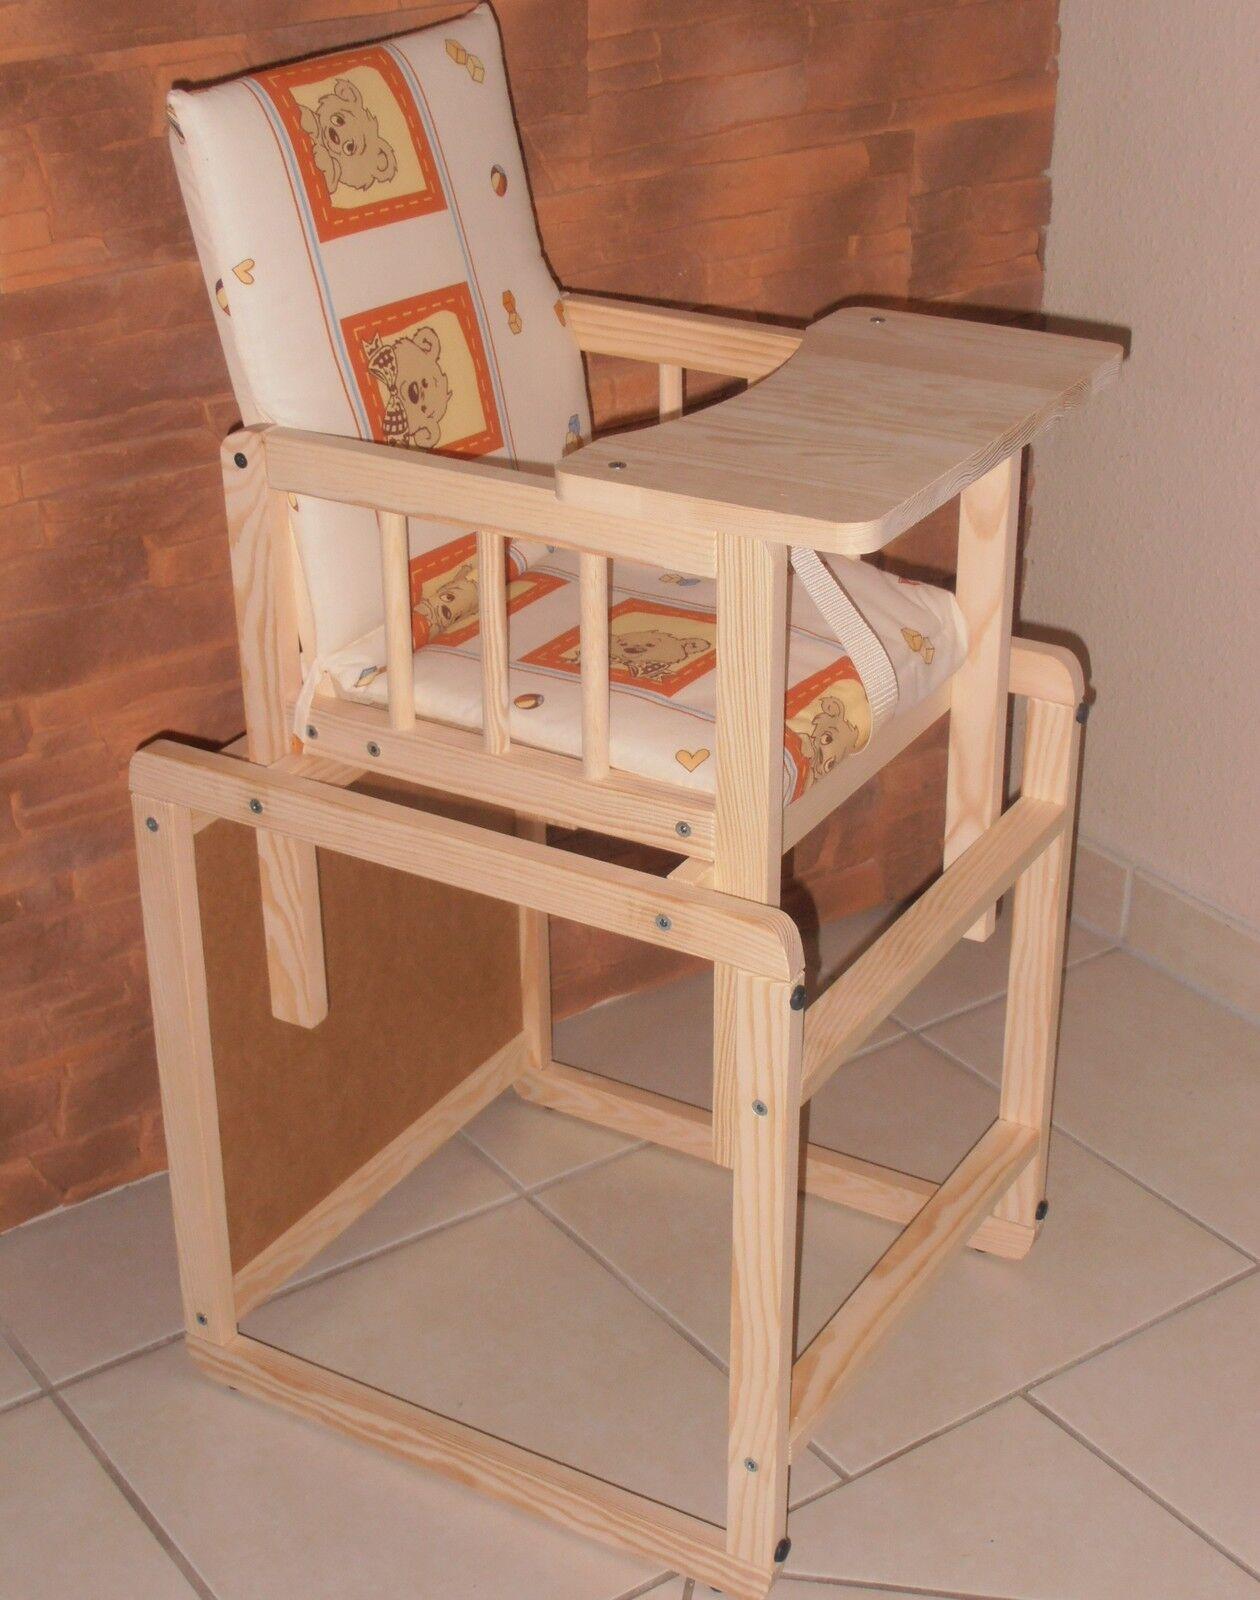 Kombihochstuhl Hochstuhl Kinderhochstuhl Tisch Stuhl komplett Massivholz 5farben